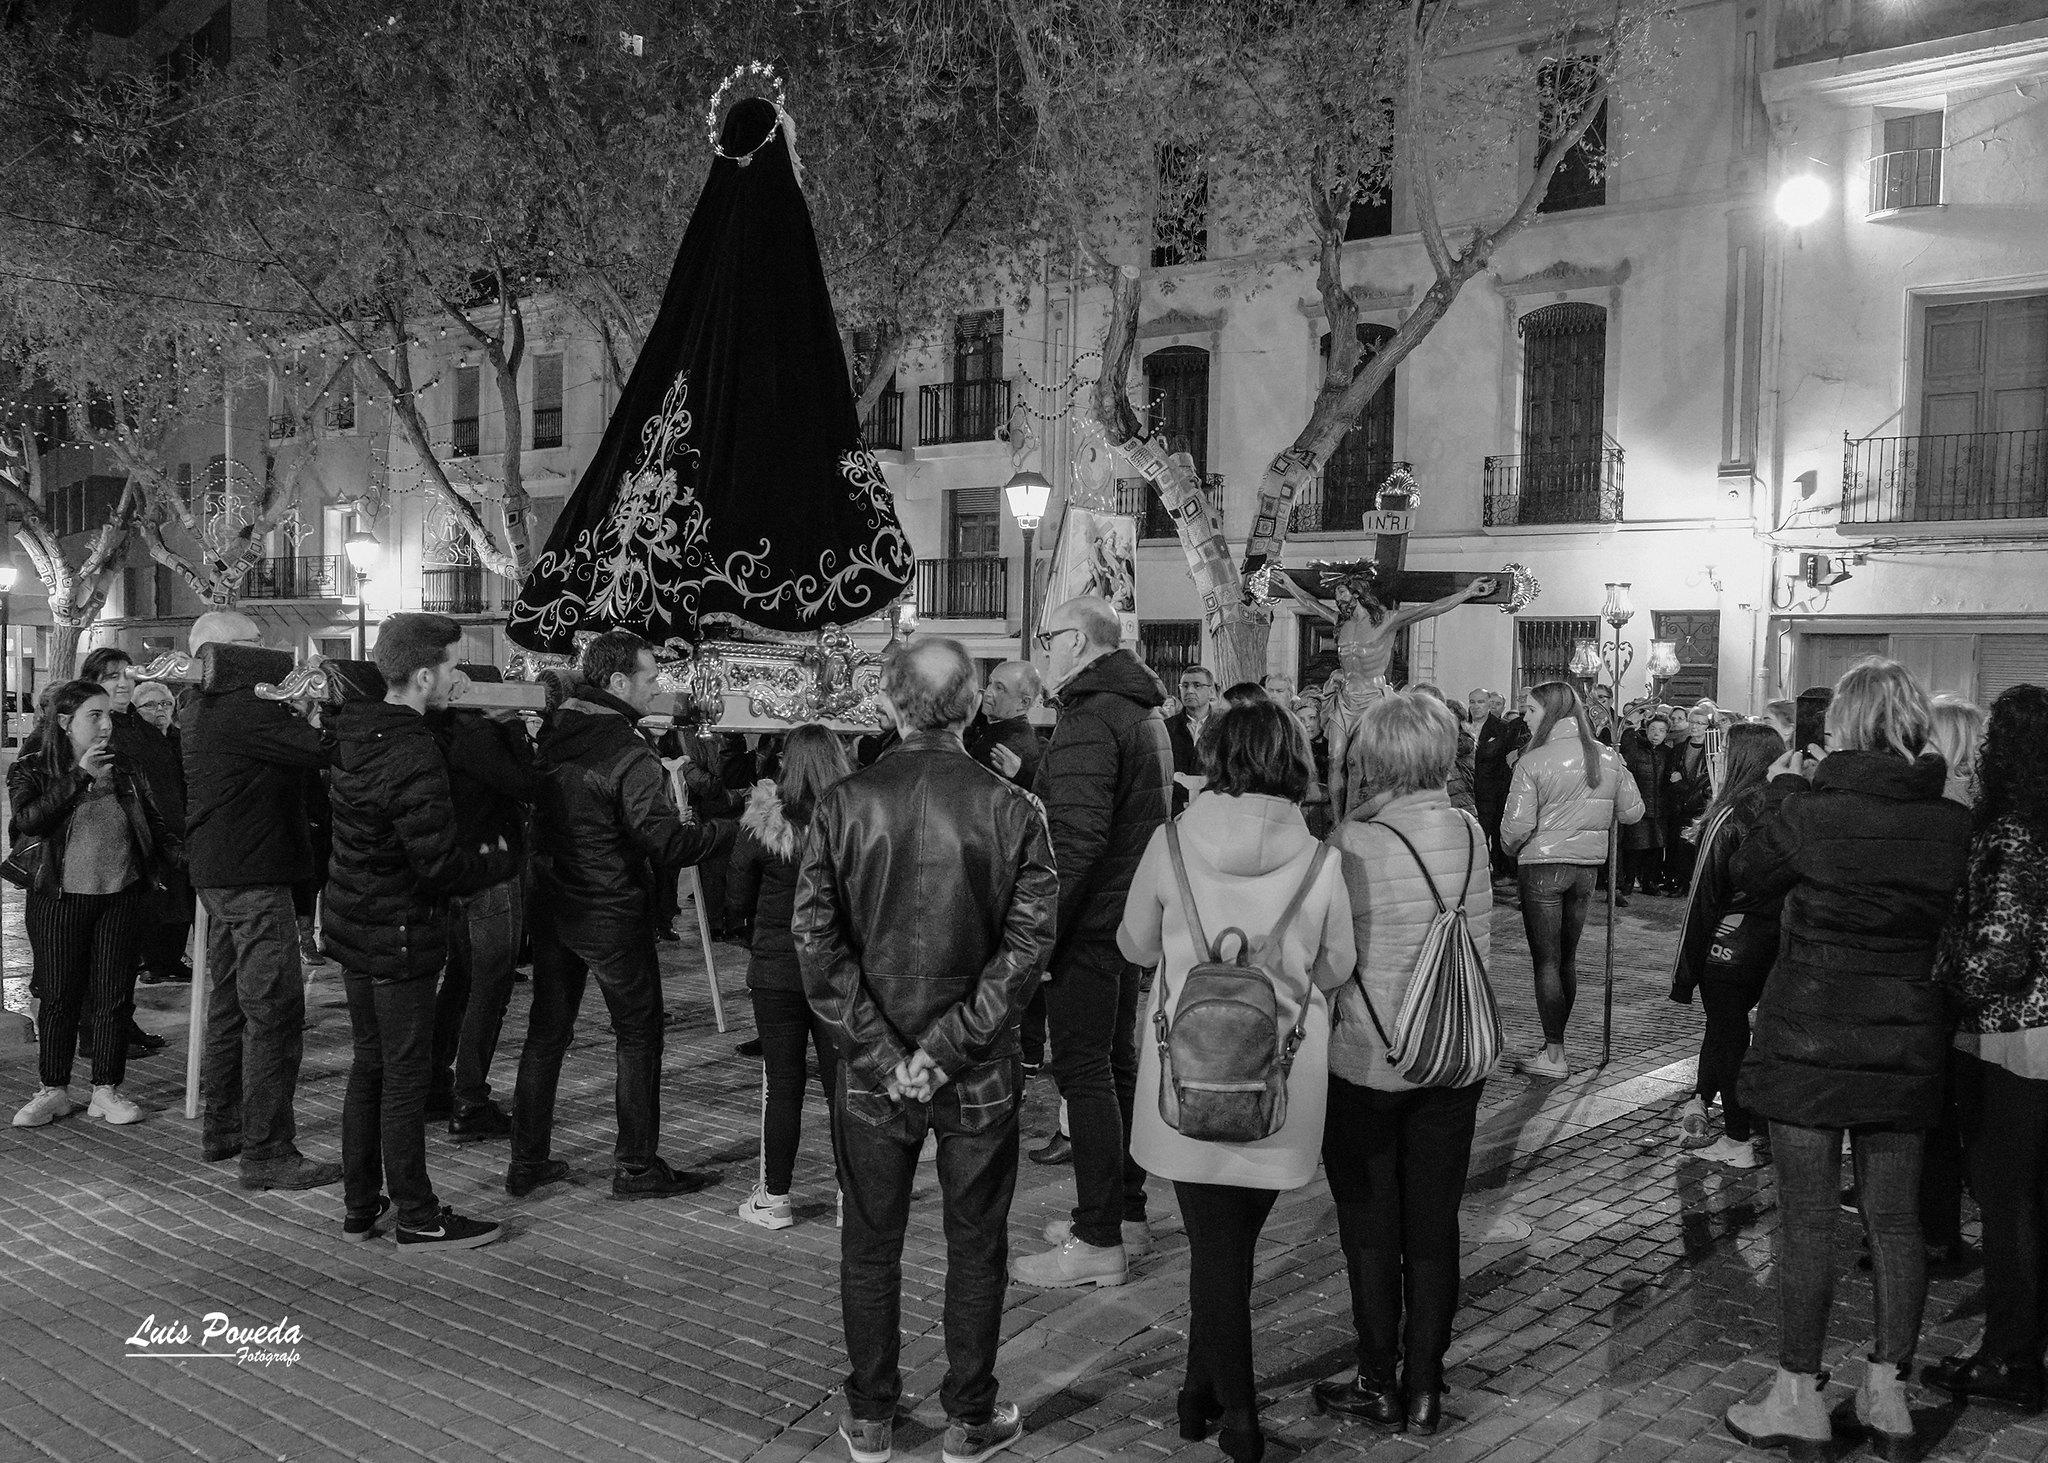 (2019-04-12) - X Vía Crucis nocturno - Luis Poveda Galiano (21)